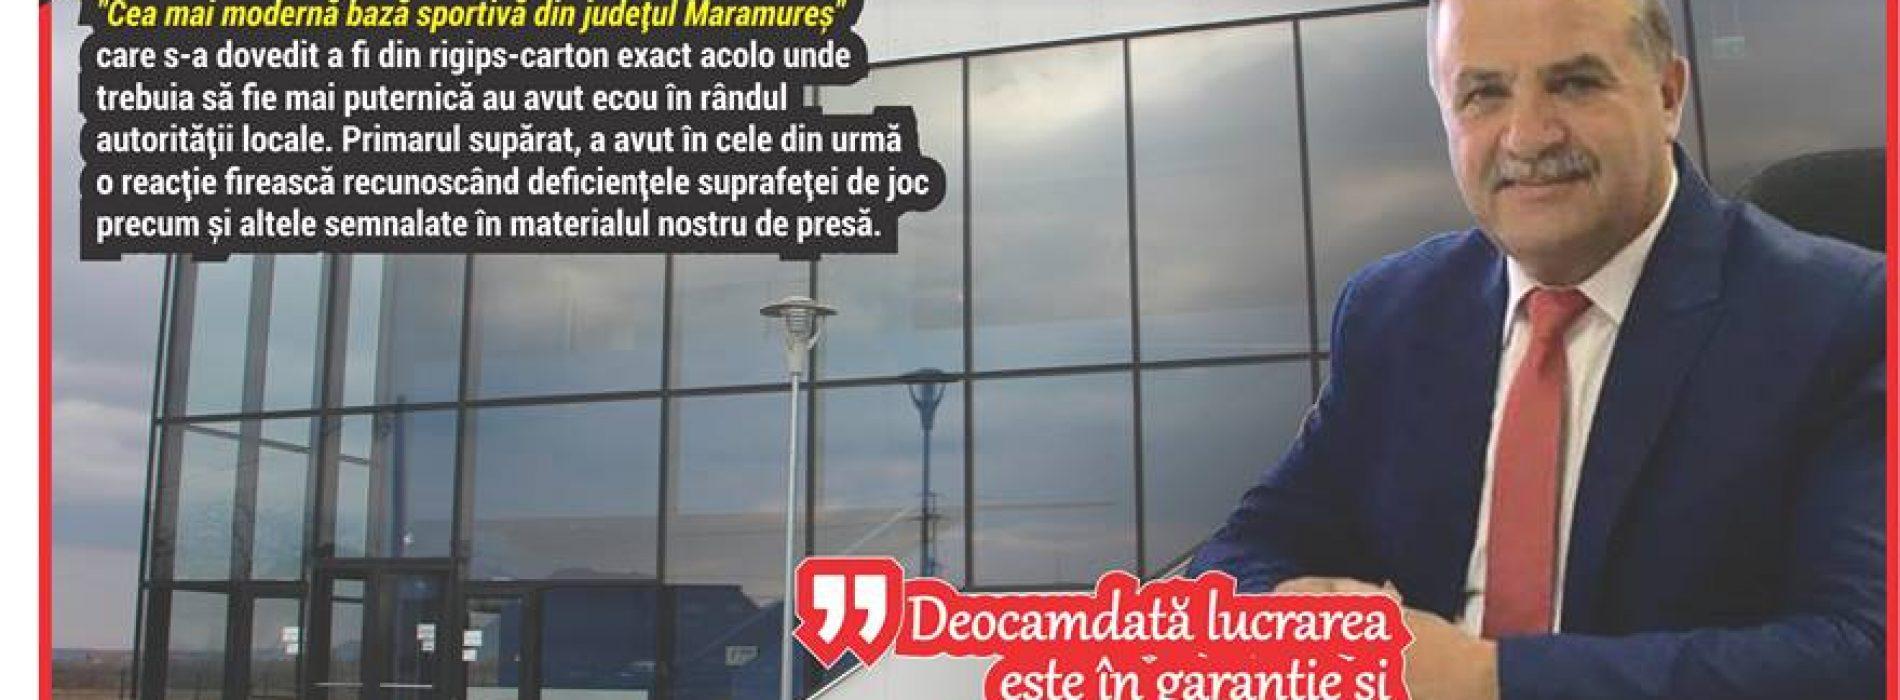 """REACȚIE. Primarul sălii de sport din carton, Octavian Pavel: """"SCHIMB SUPRAFAȚA DE JOC ȘI PERETELE DIN RIGIPS"""""""